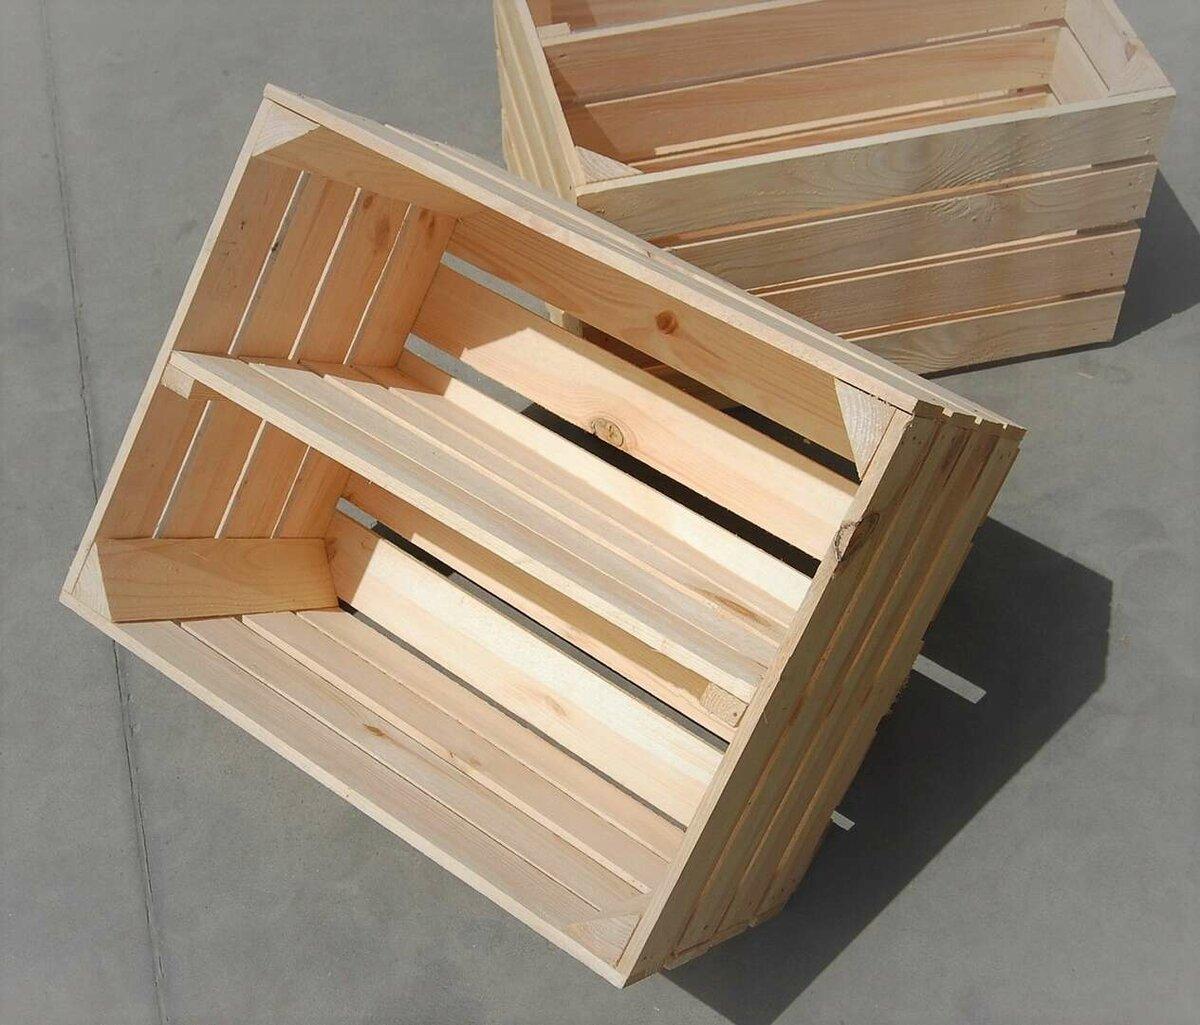 разбор деревянного ящика